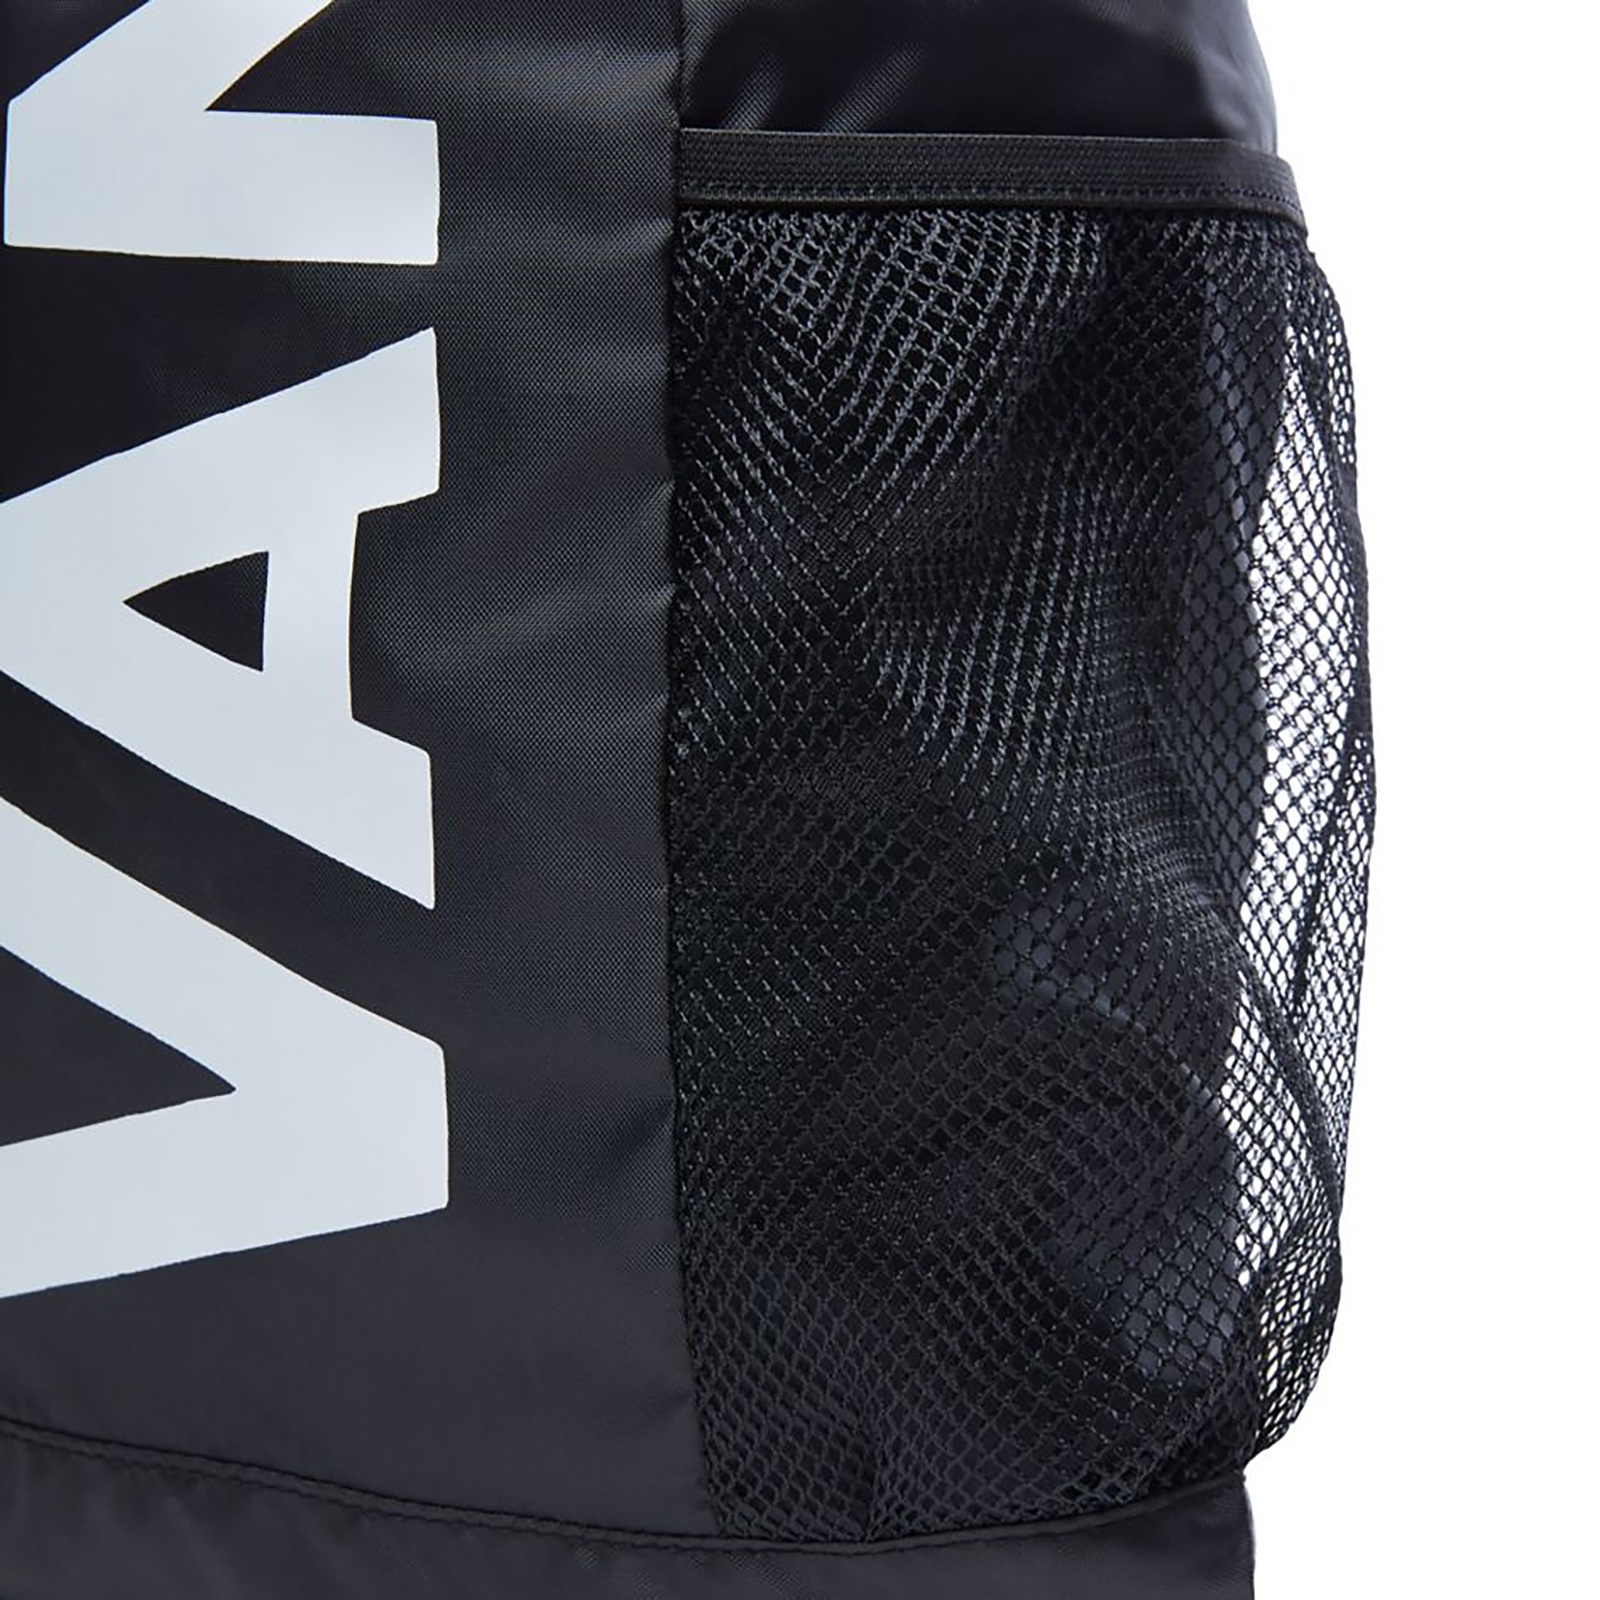 Vans-Bolsas-Hombro-Wm-Deportivo-Sus-Andenerias-Bag-Black-Negro